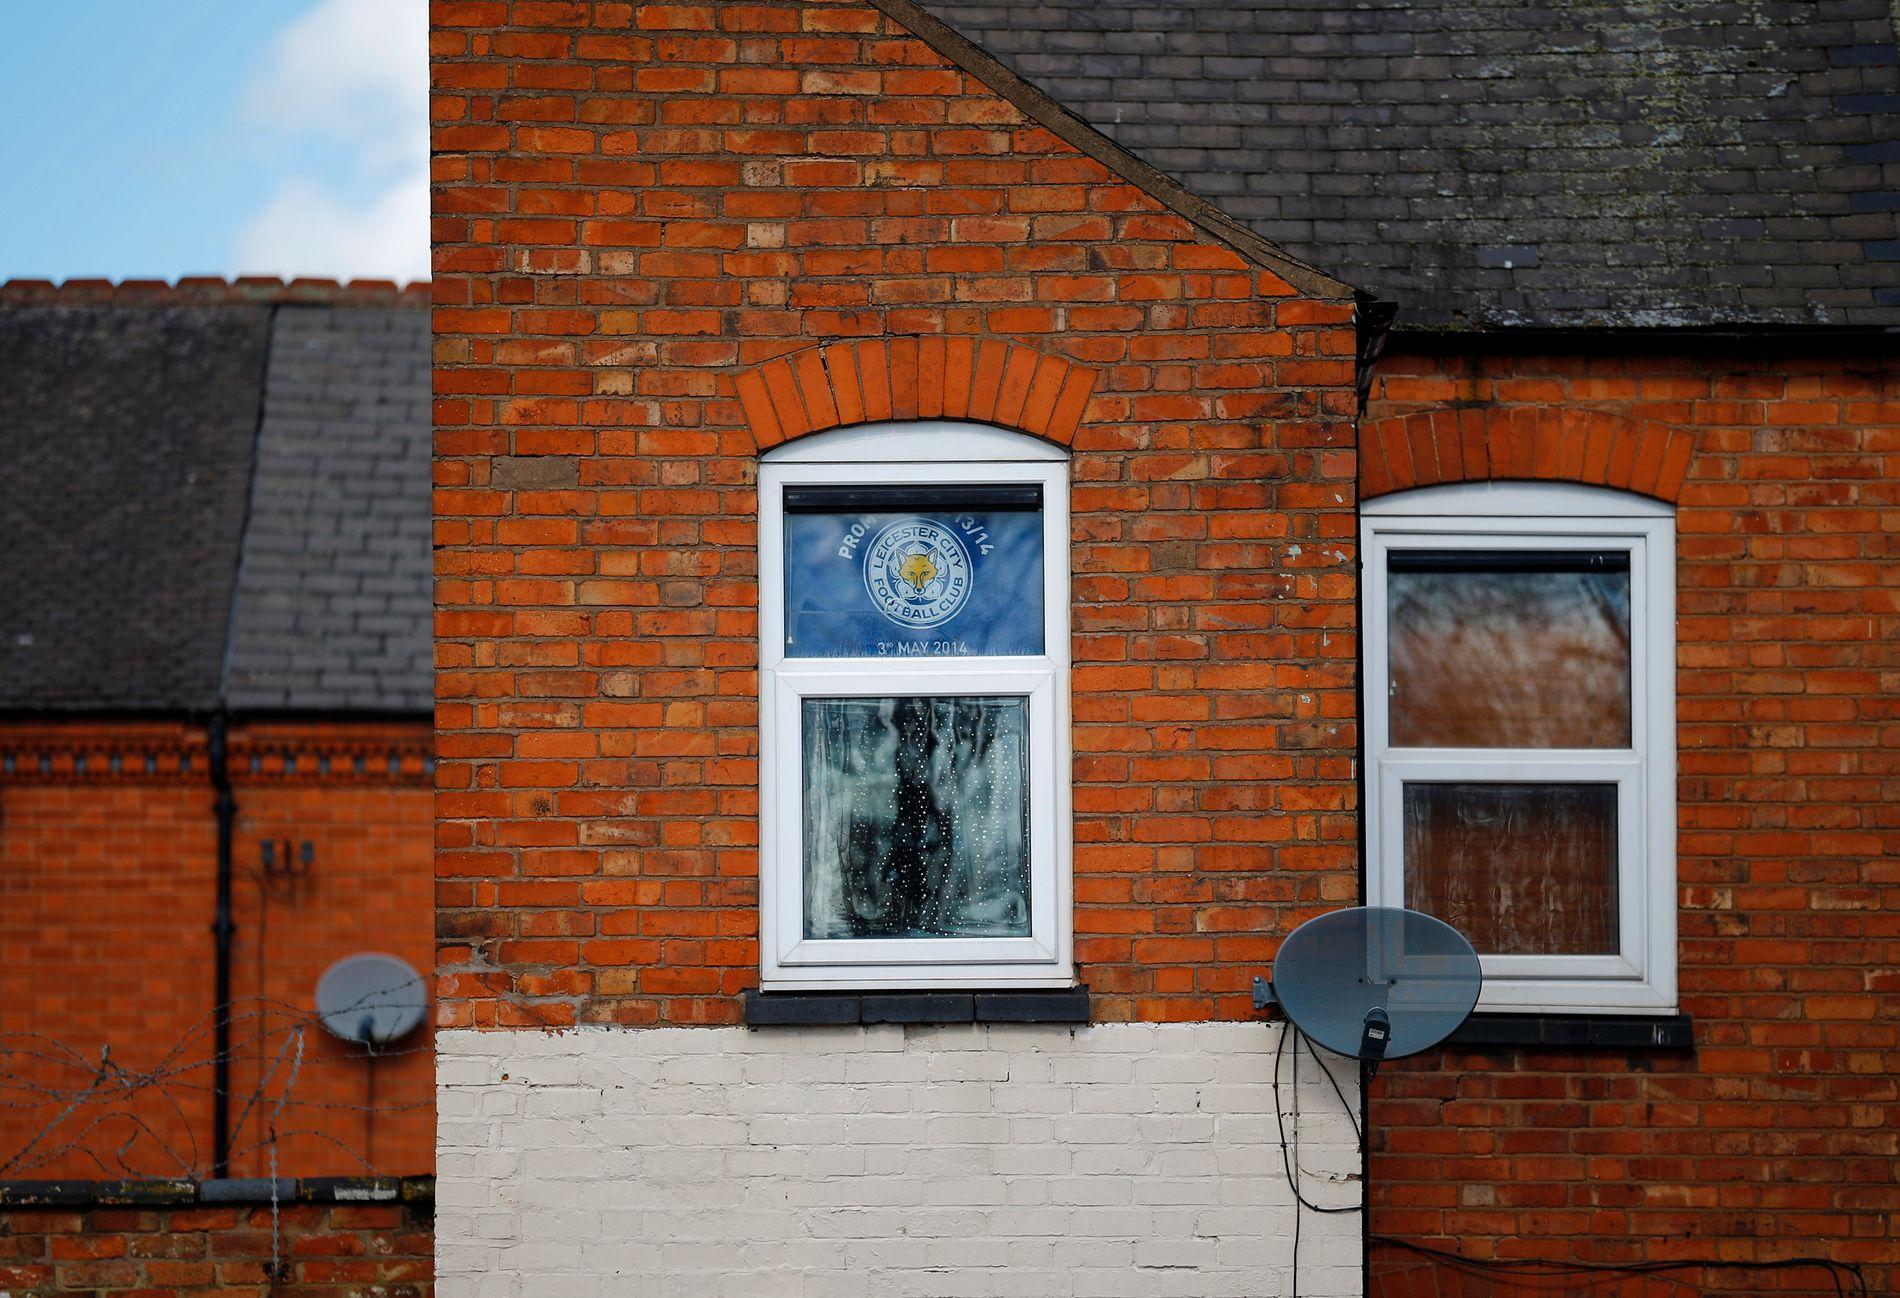 MIRAKELET I MIDLANDS: At Leicester fra East Midlands skulle vinne den engelske eliteserien i fotball, er idrettens største sensasjoner noen gang. Her ser vi et hus i nærheten av Leicesters hjemmebane.